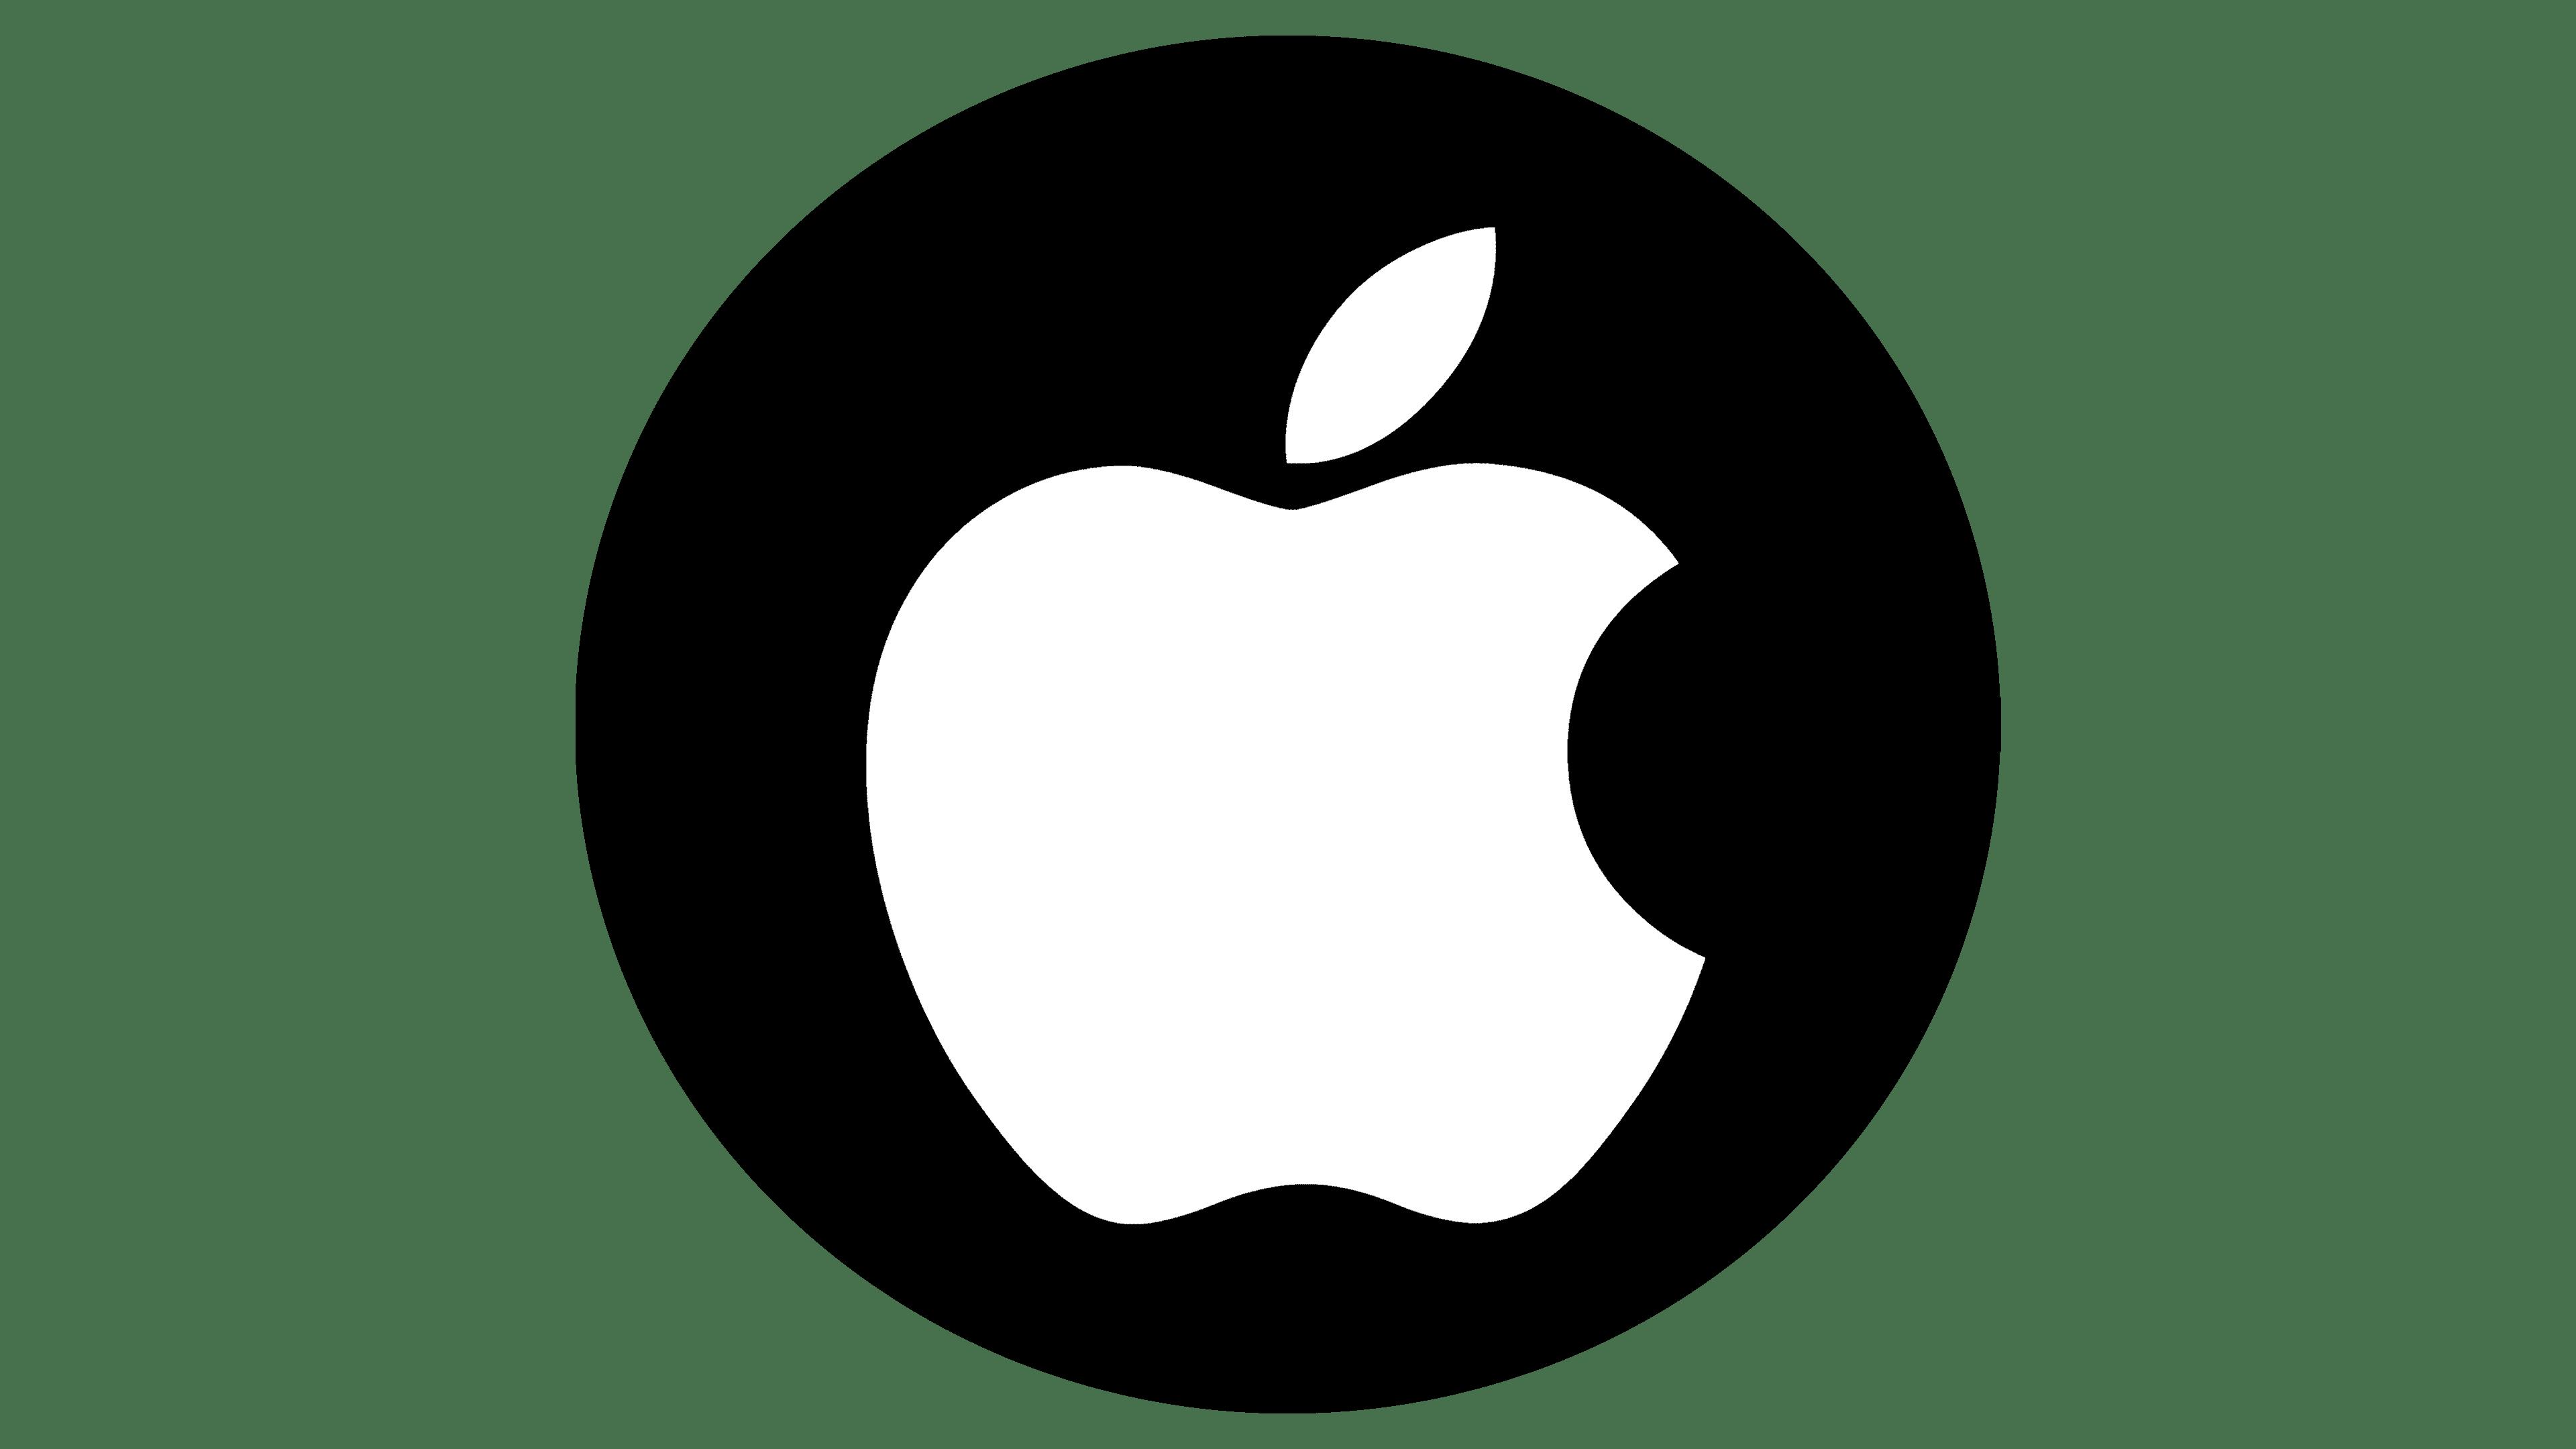 Apple Emblem